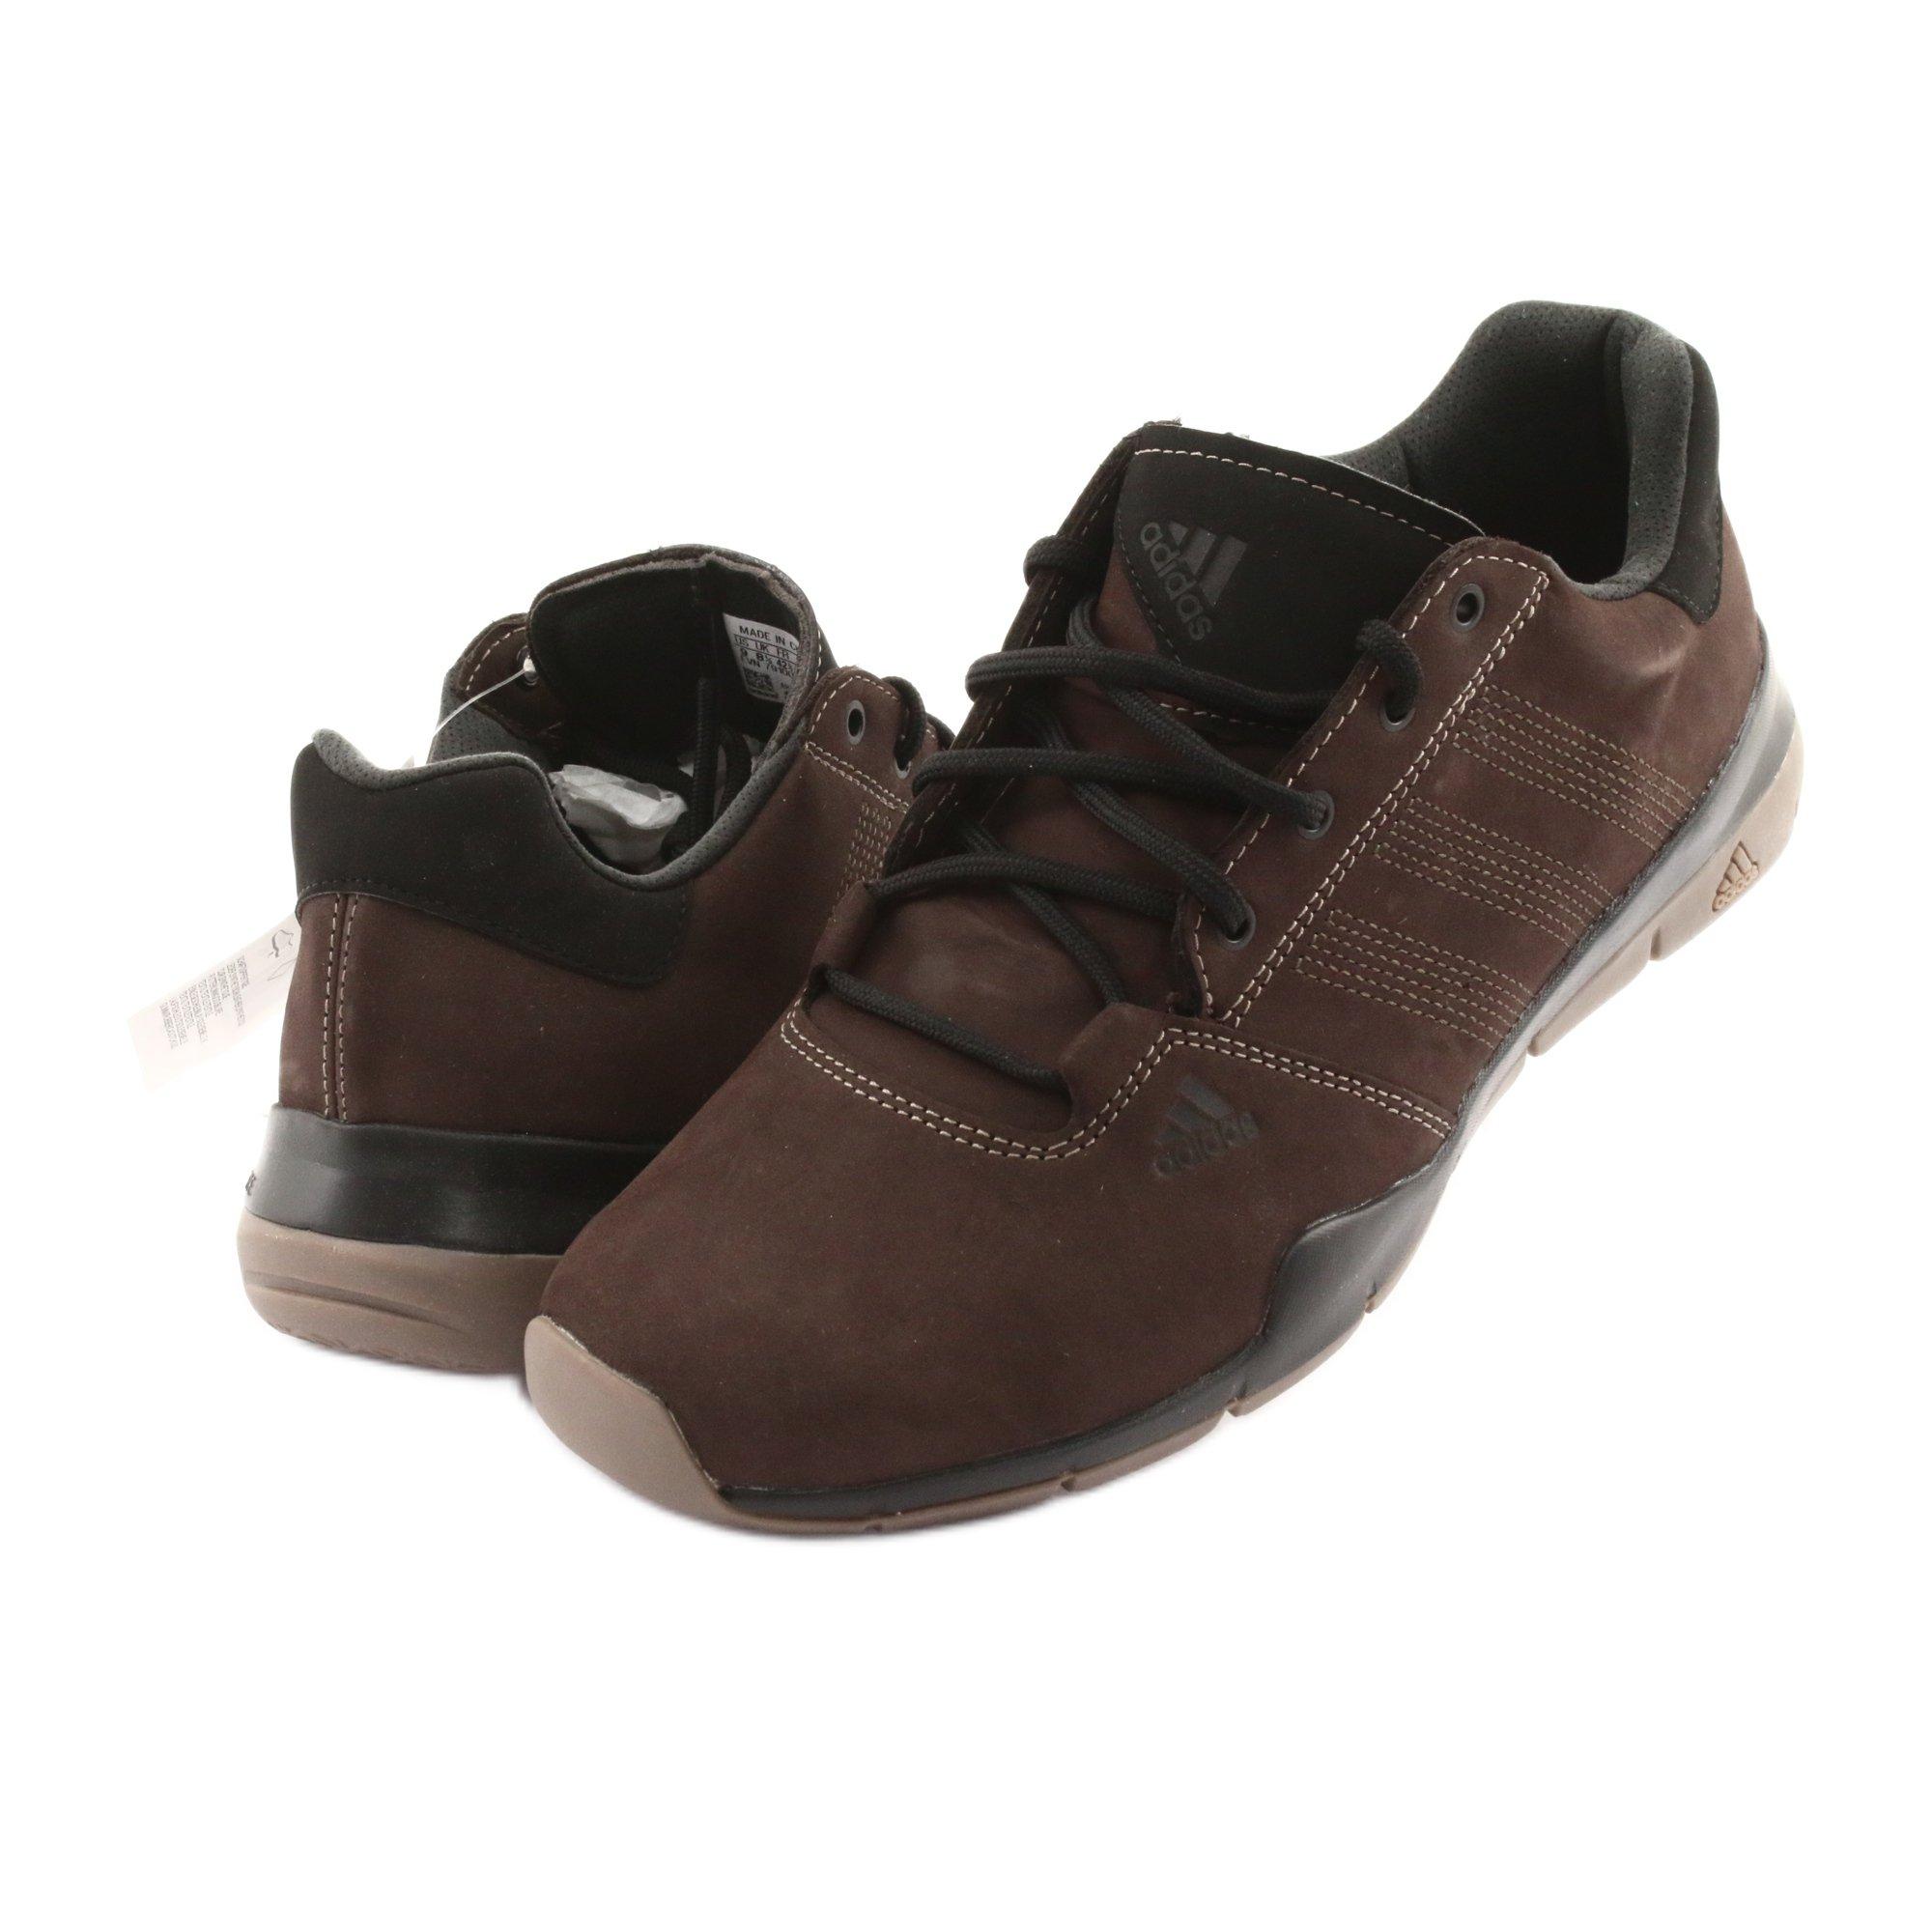 Buty trekkingowe adidas Anzit Dlx M18555 brązowe